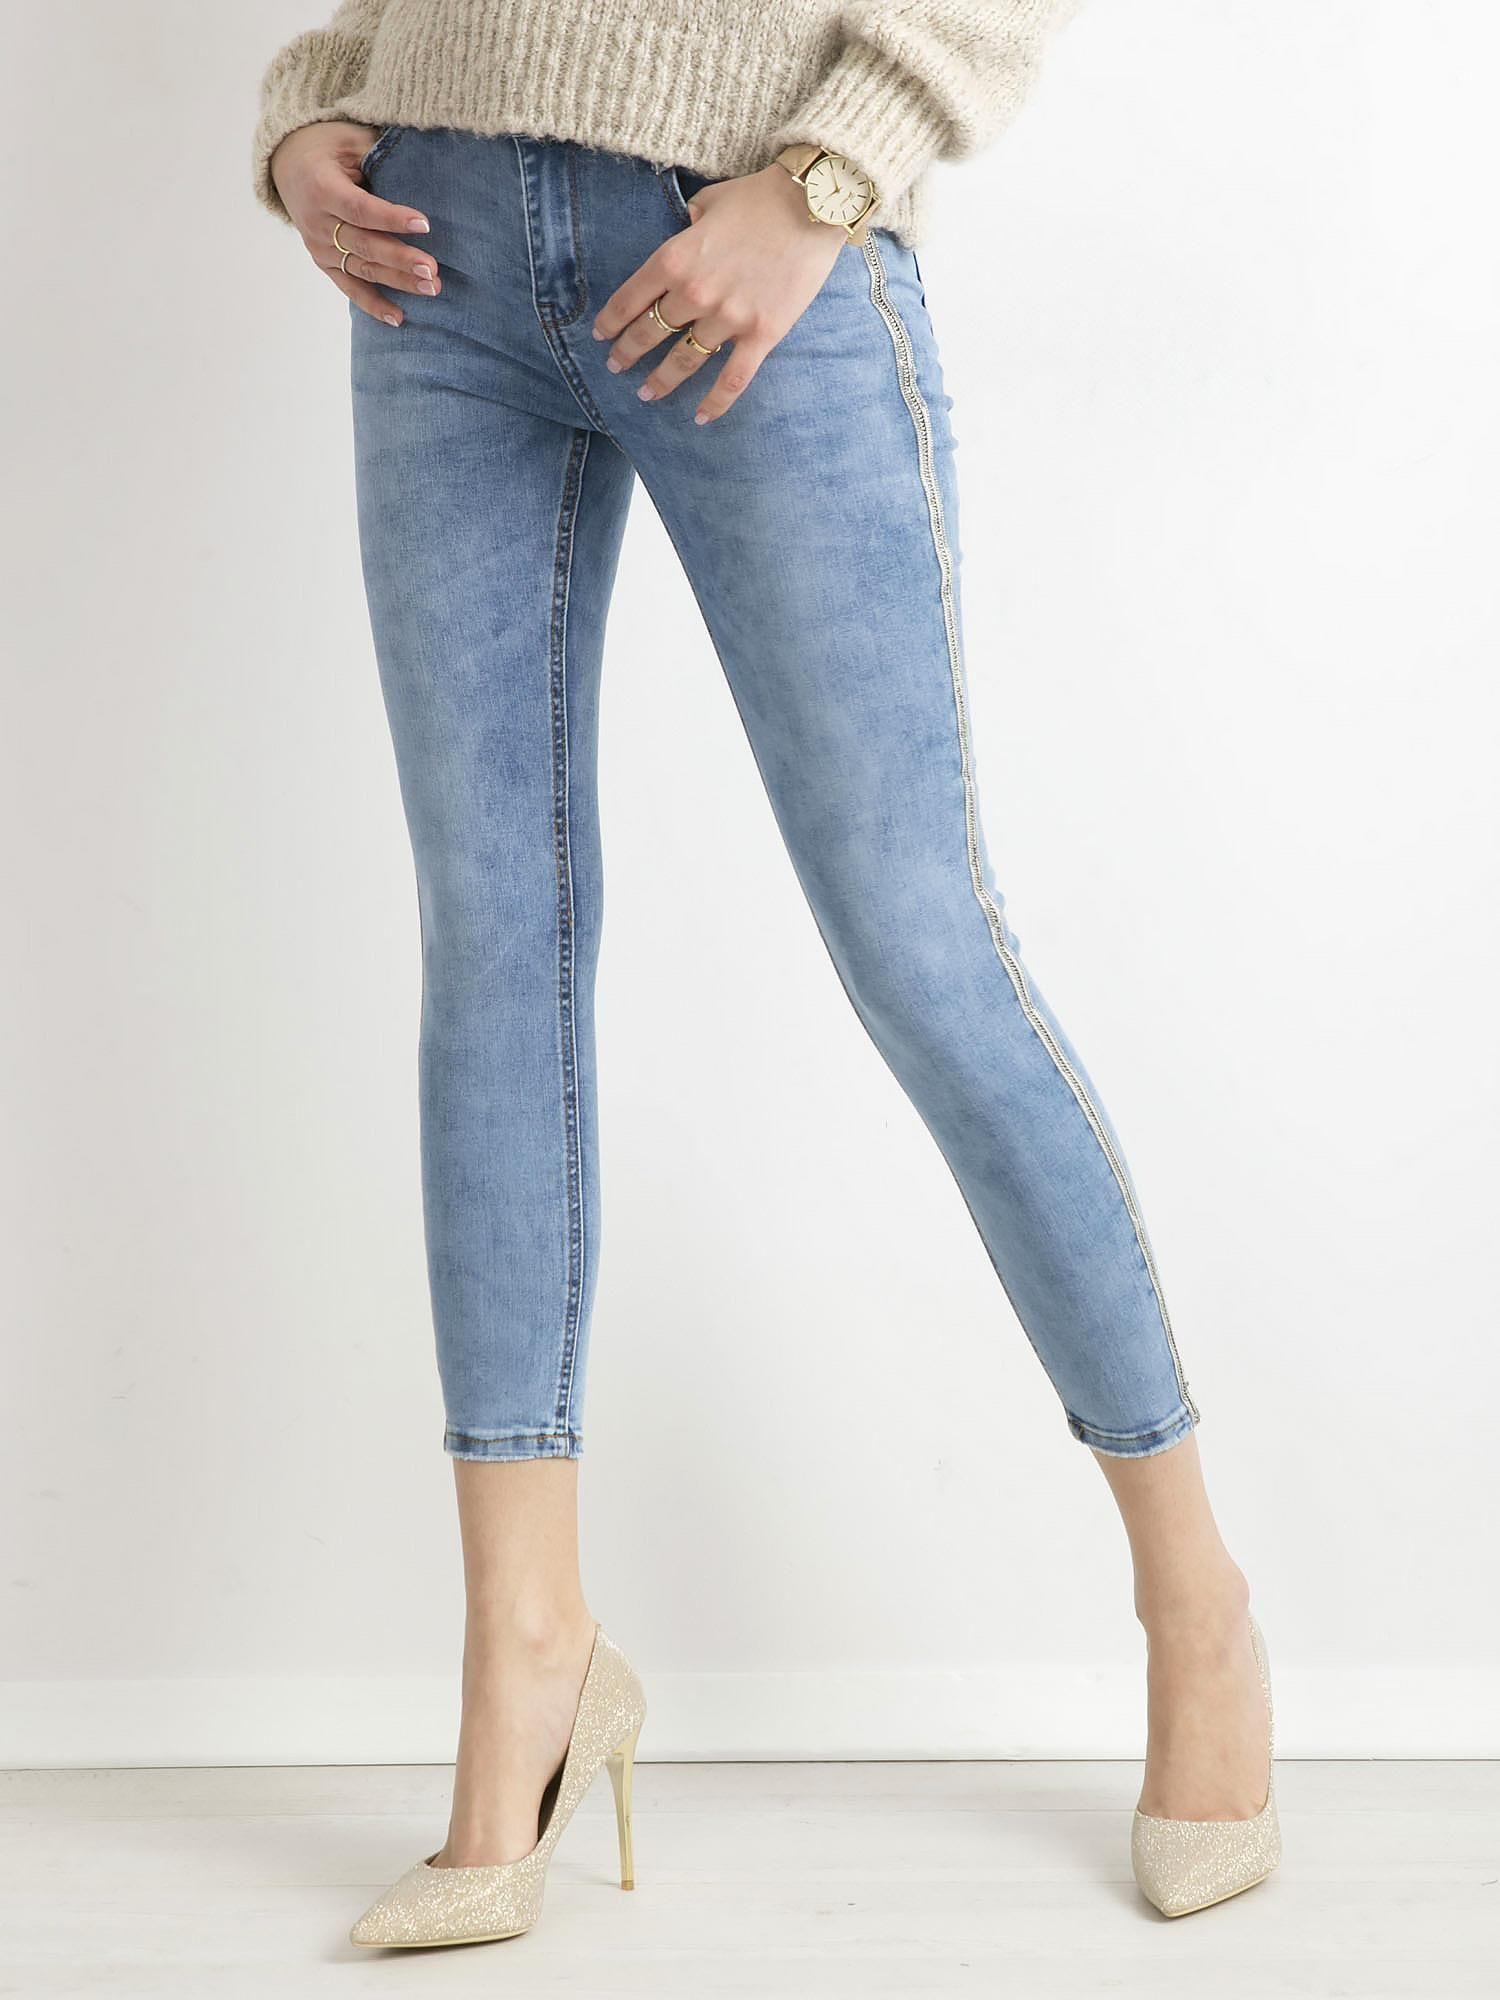 34d65406 Niebieskie jeansy ankle skinny z cekinowym lampasem